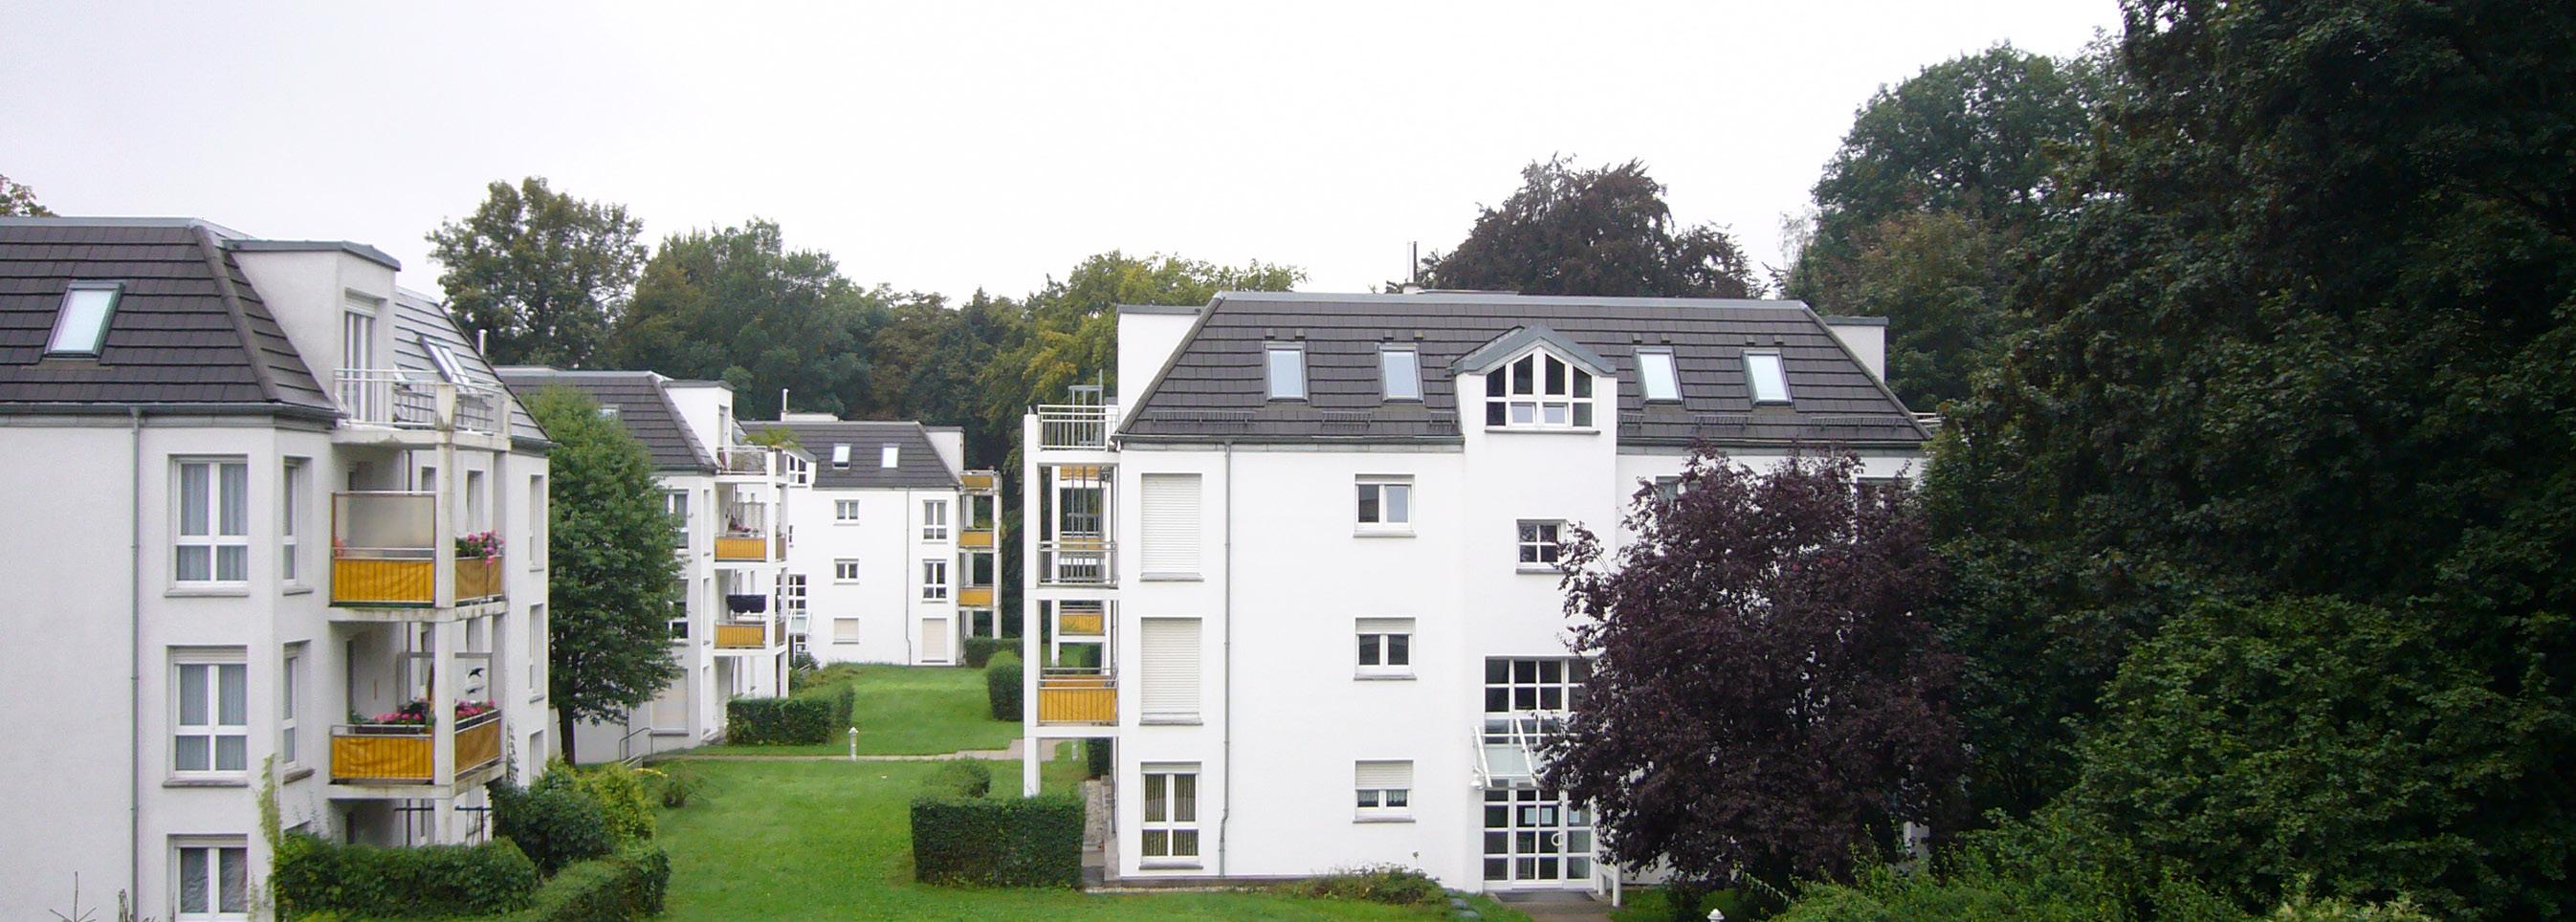 2-Zimmer-Wohnung – Beckerstraße 40, Chemnitz